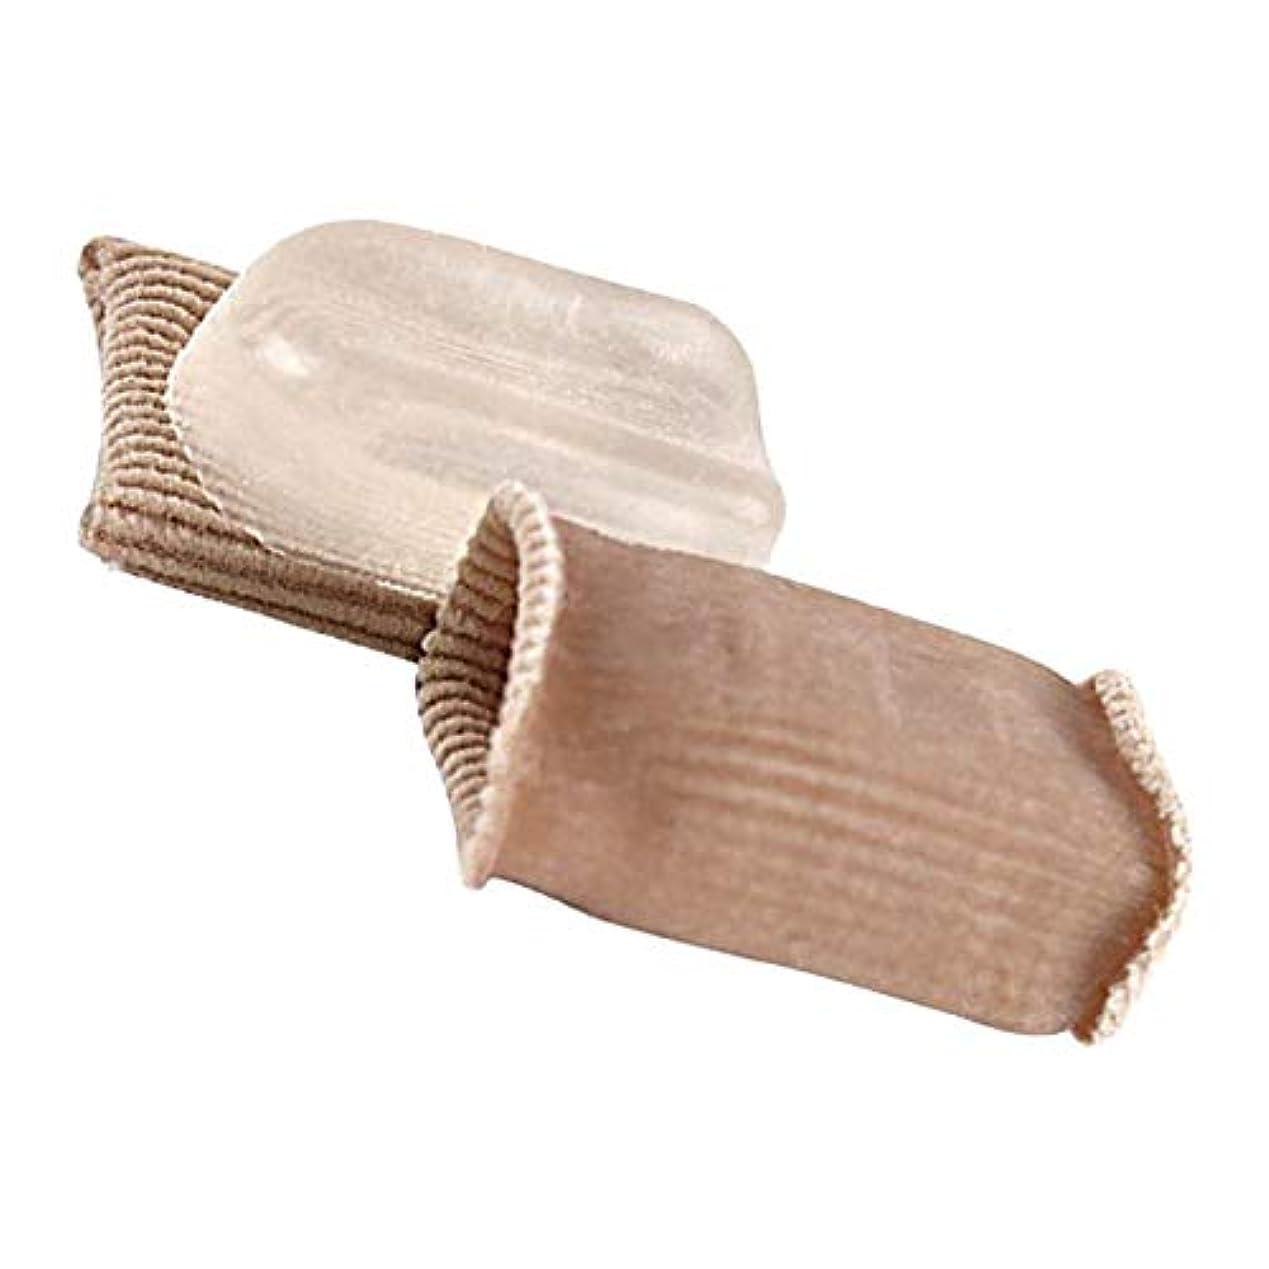 緊張限界織機つま先キャップ 足指保護キャップ つま先矯正 足指セパレーター フットケア 男女兼用 1ペア